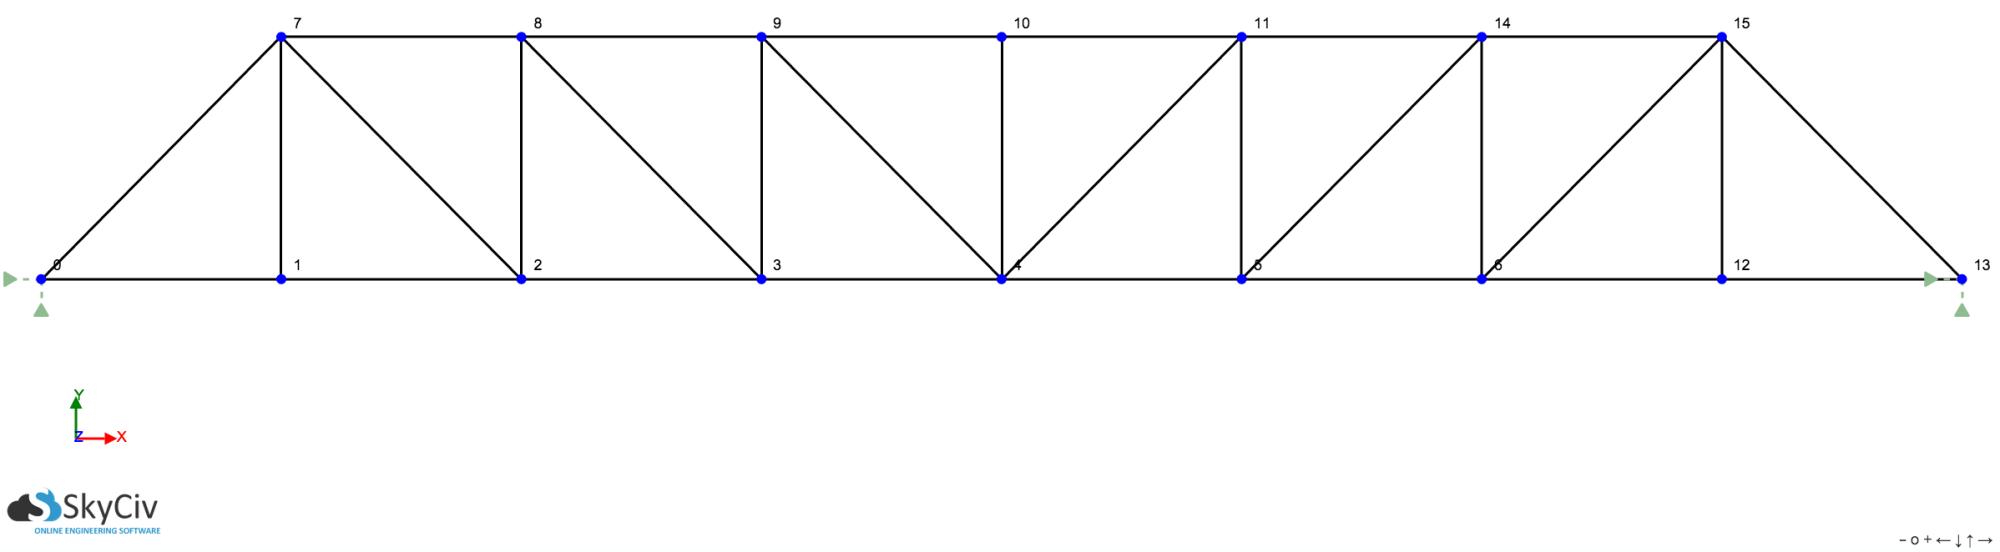 hight resolution of pratt truss